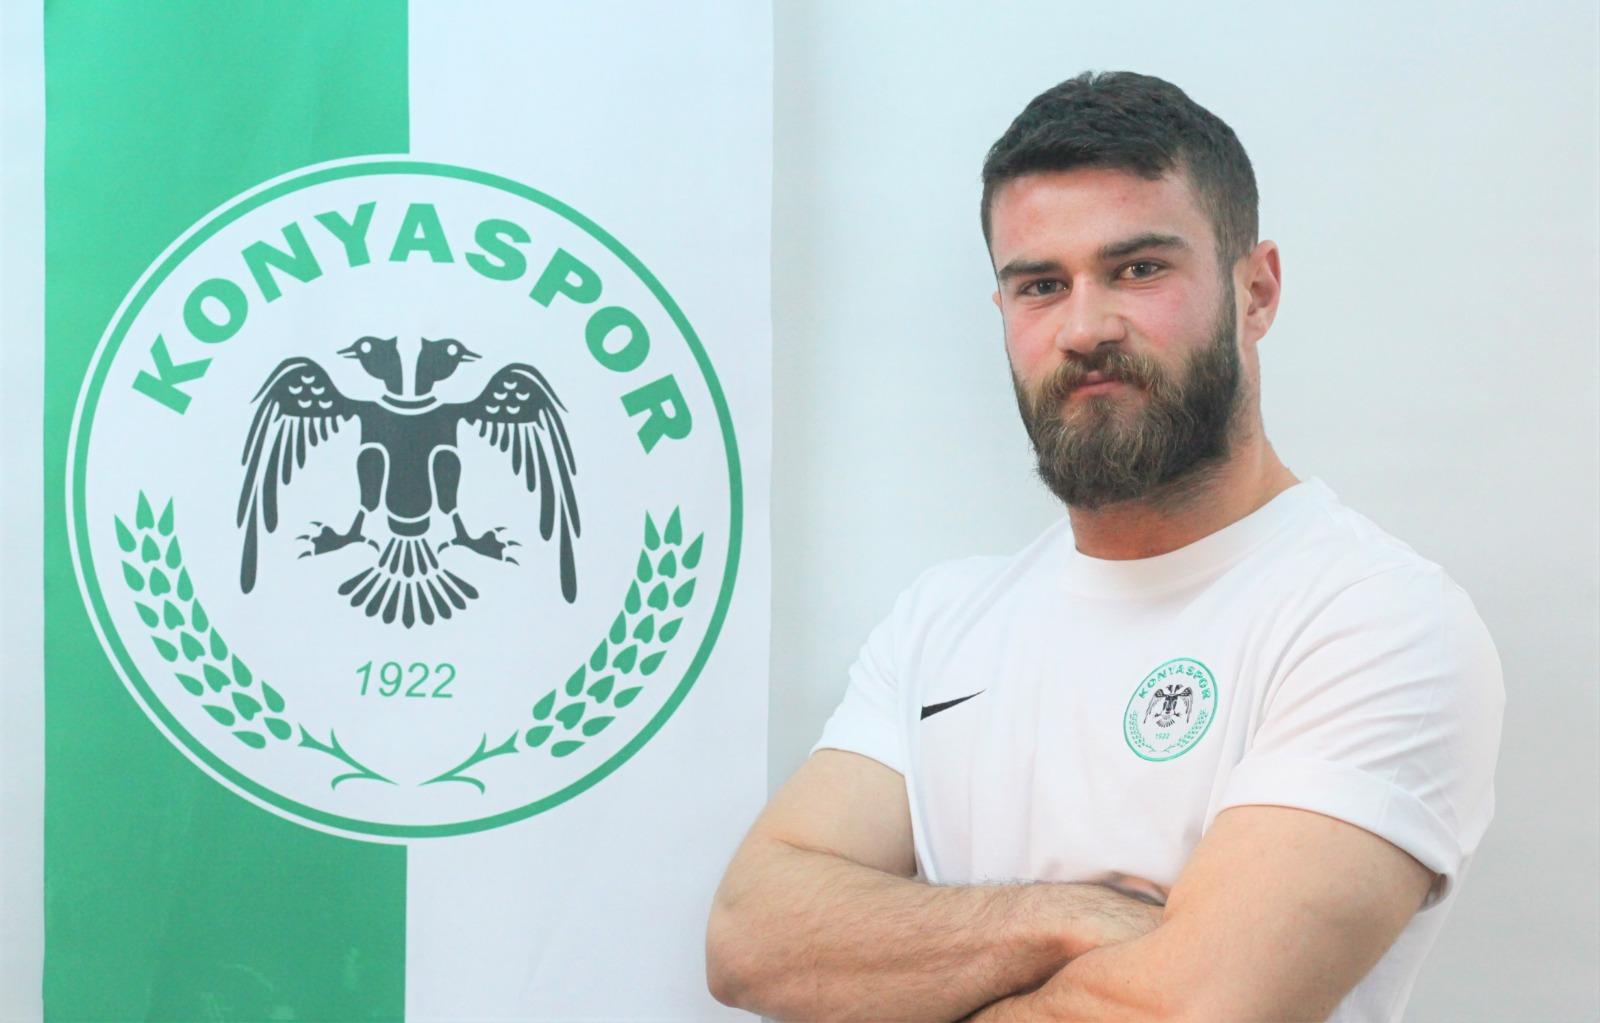 Konyasporlu halterci Mehmet Yalçın Milli Takıma çağrıldı